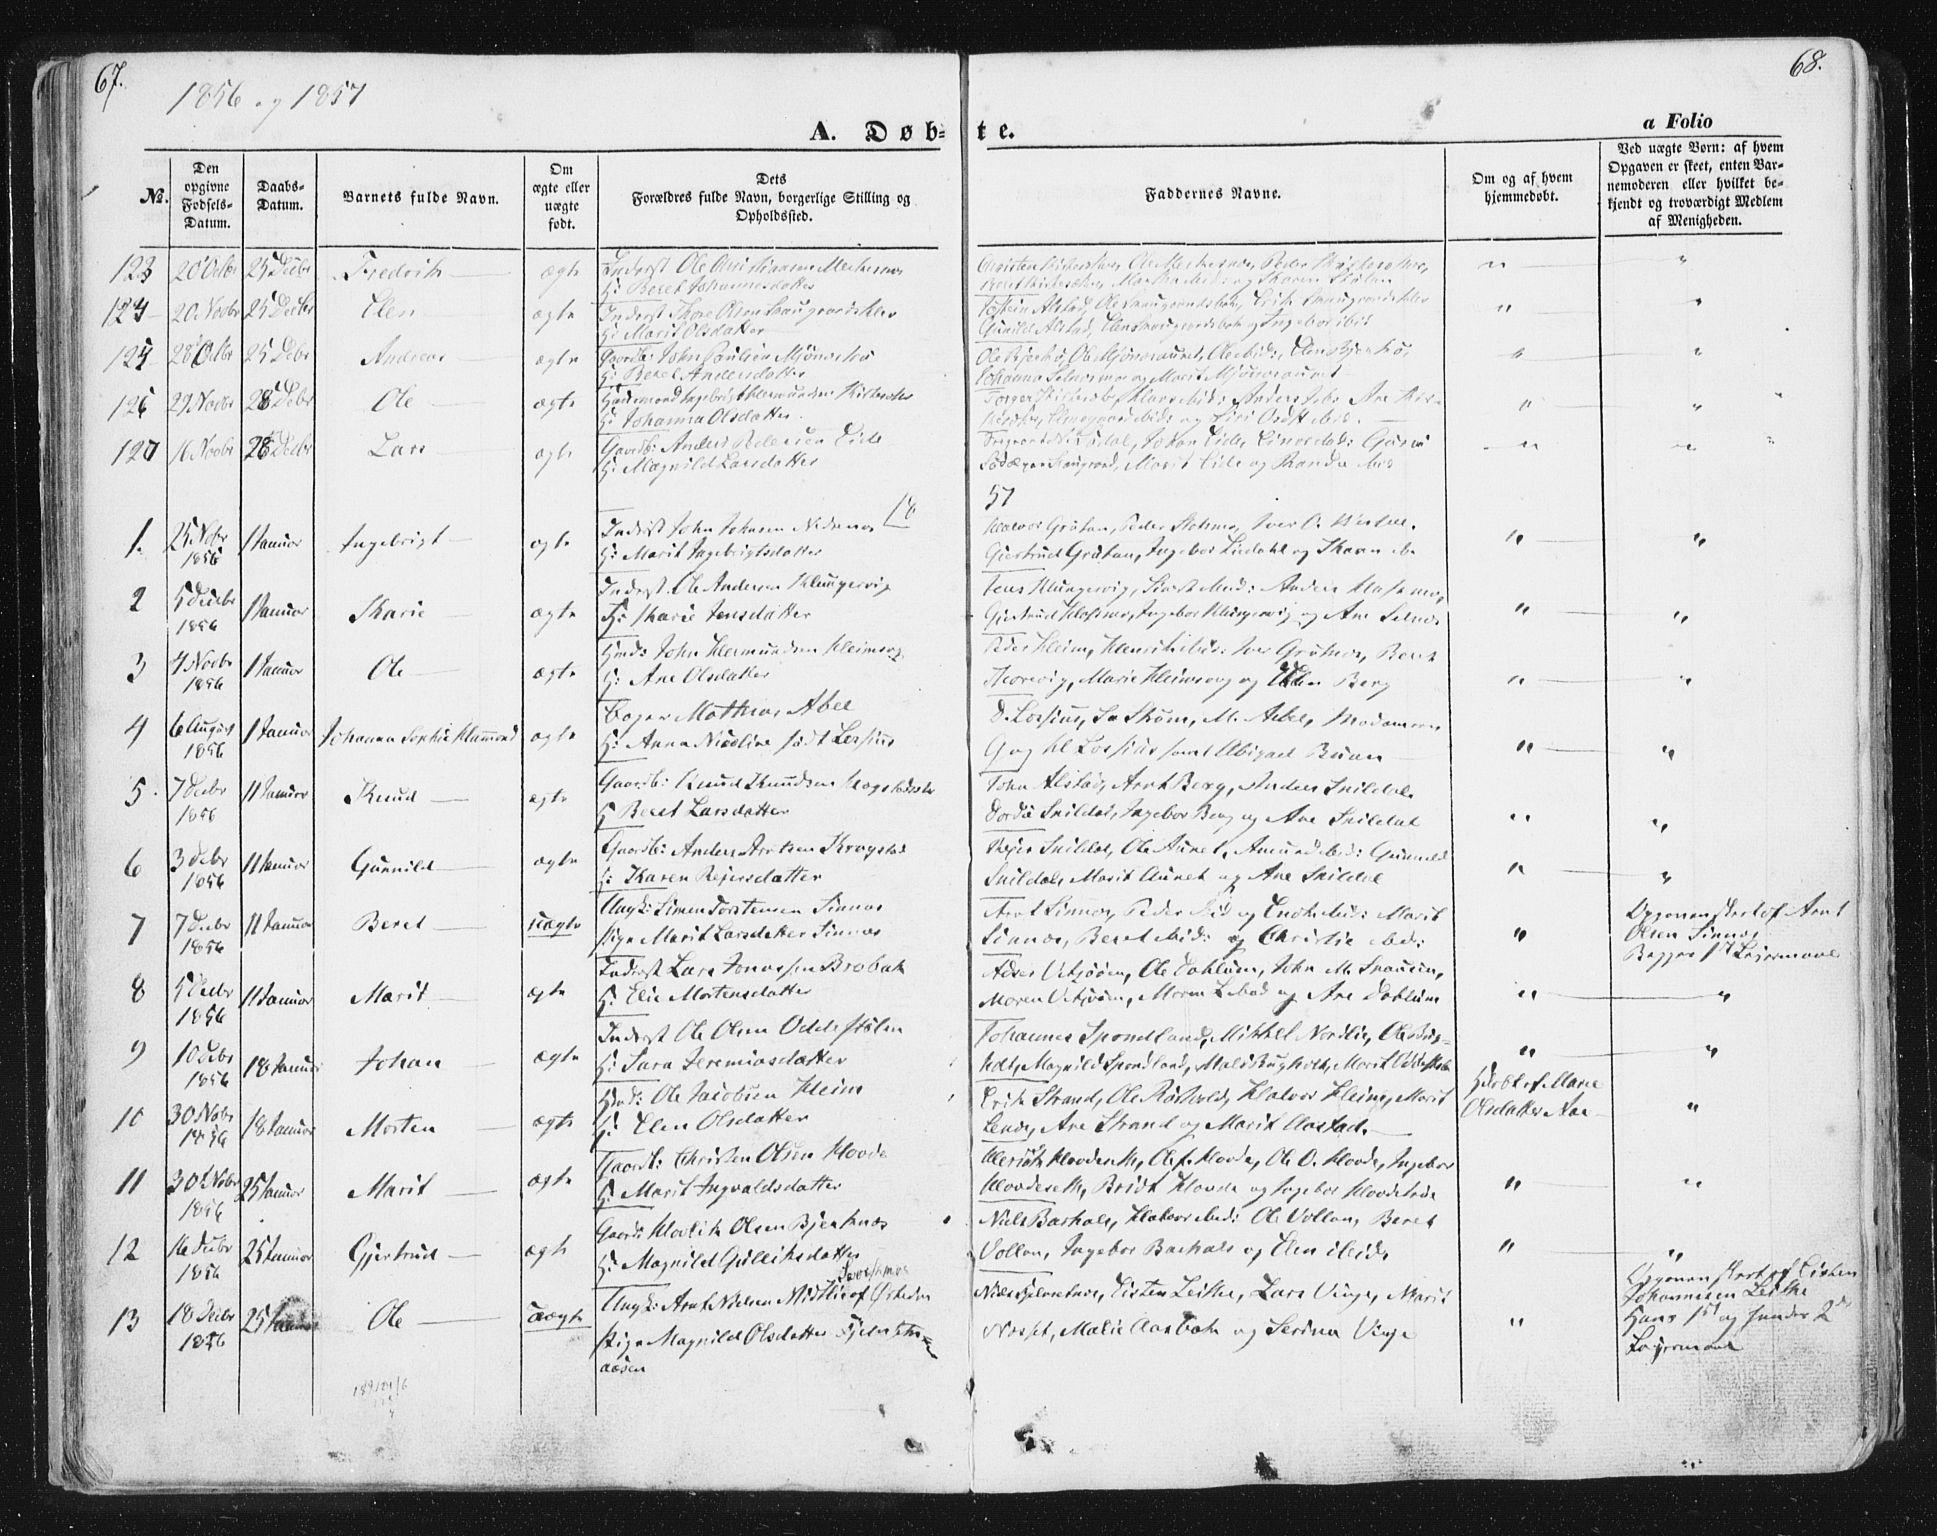 SAT, Ministerialprotokoller, klokkerbøker og fødselsregistre - Sør-Trøndelag, 630/L0494: Ministerialbok nr. 630A07, 1852-1868, s. 67-68